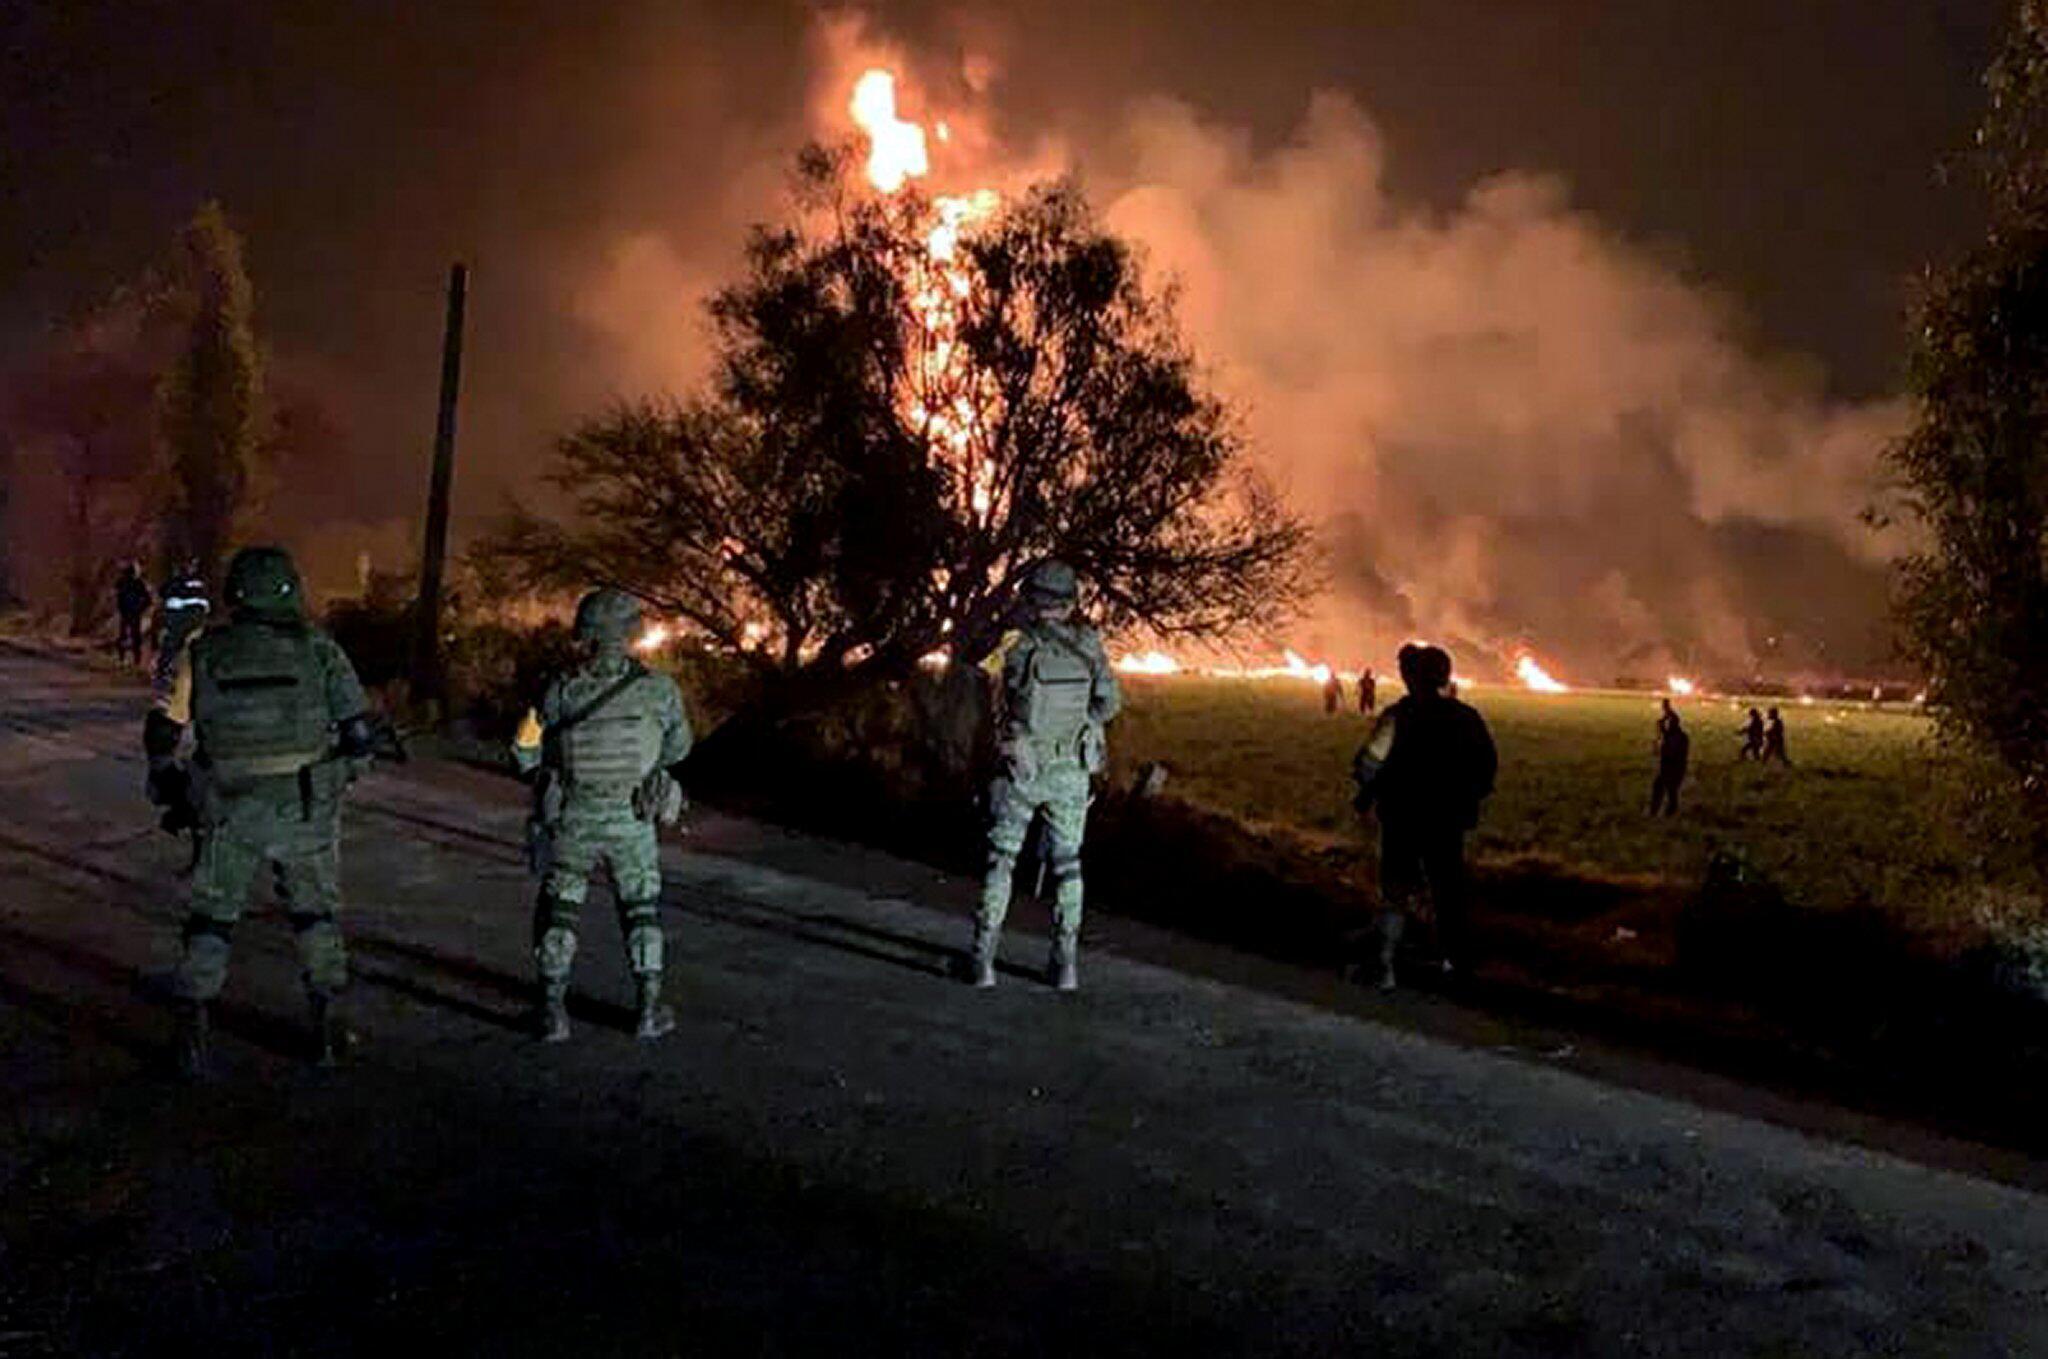 Unglück in Mexiko - Mehr als 60 Tote nach Explosion an Benzin-Pipeline